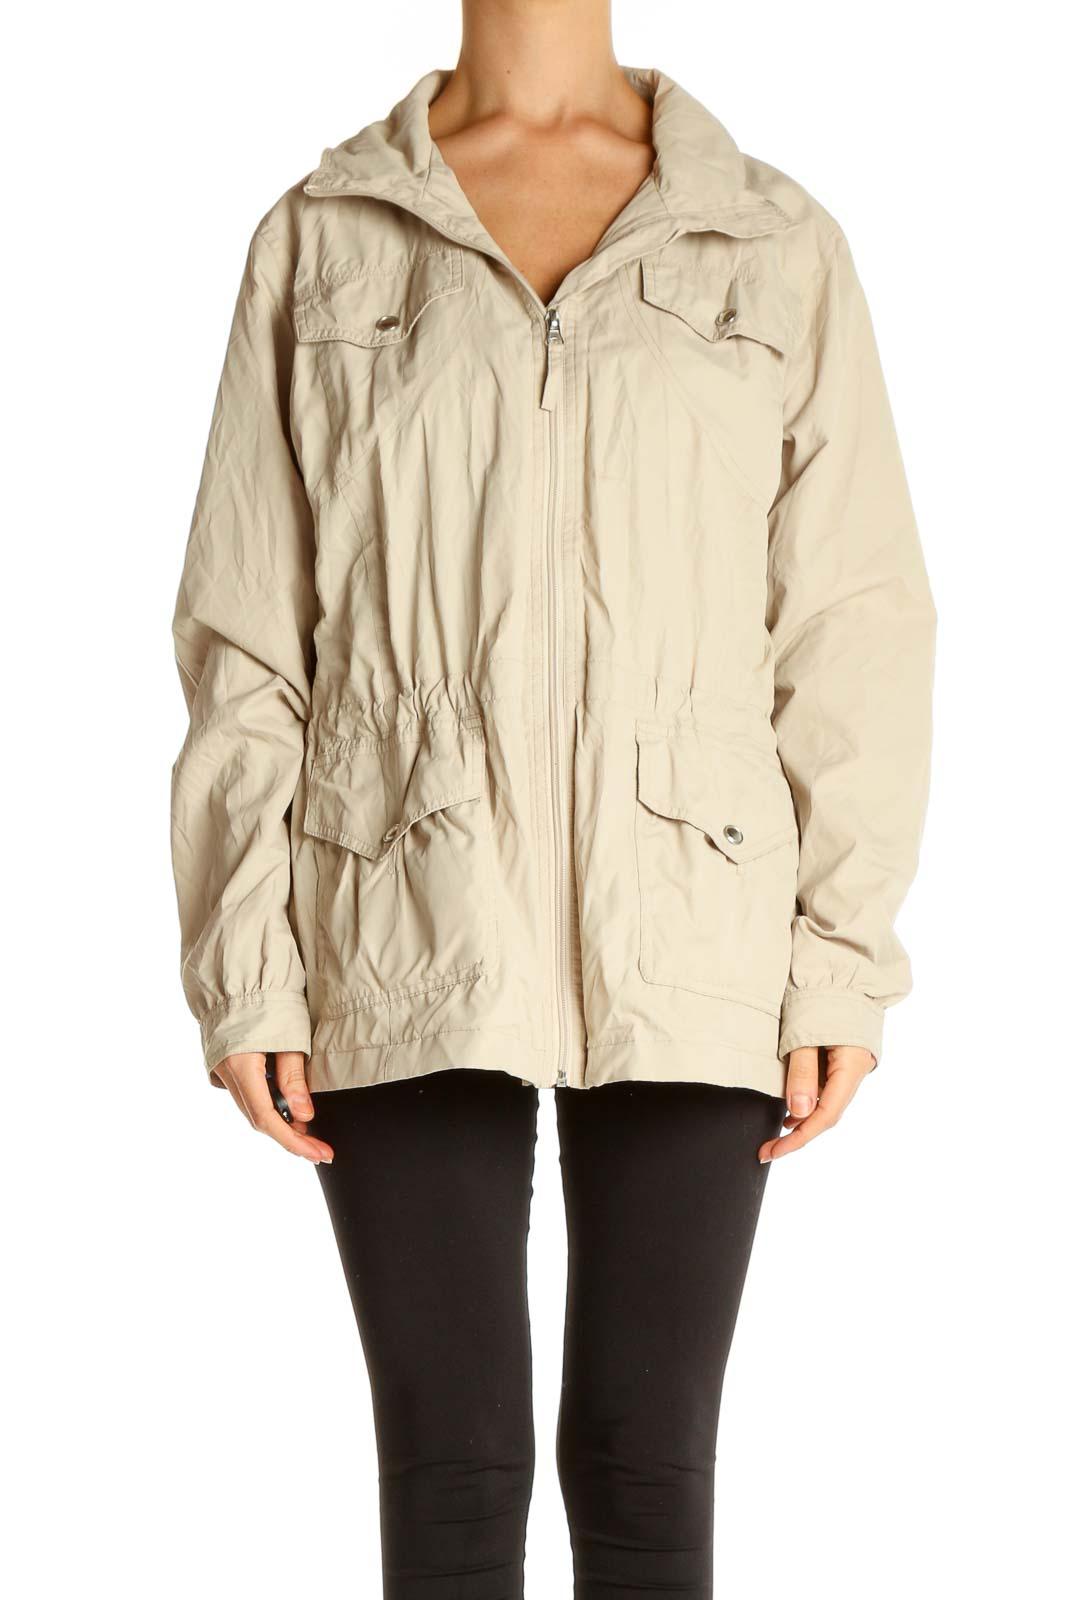 Beige Windbreaker Jacket Front